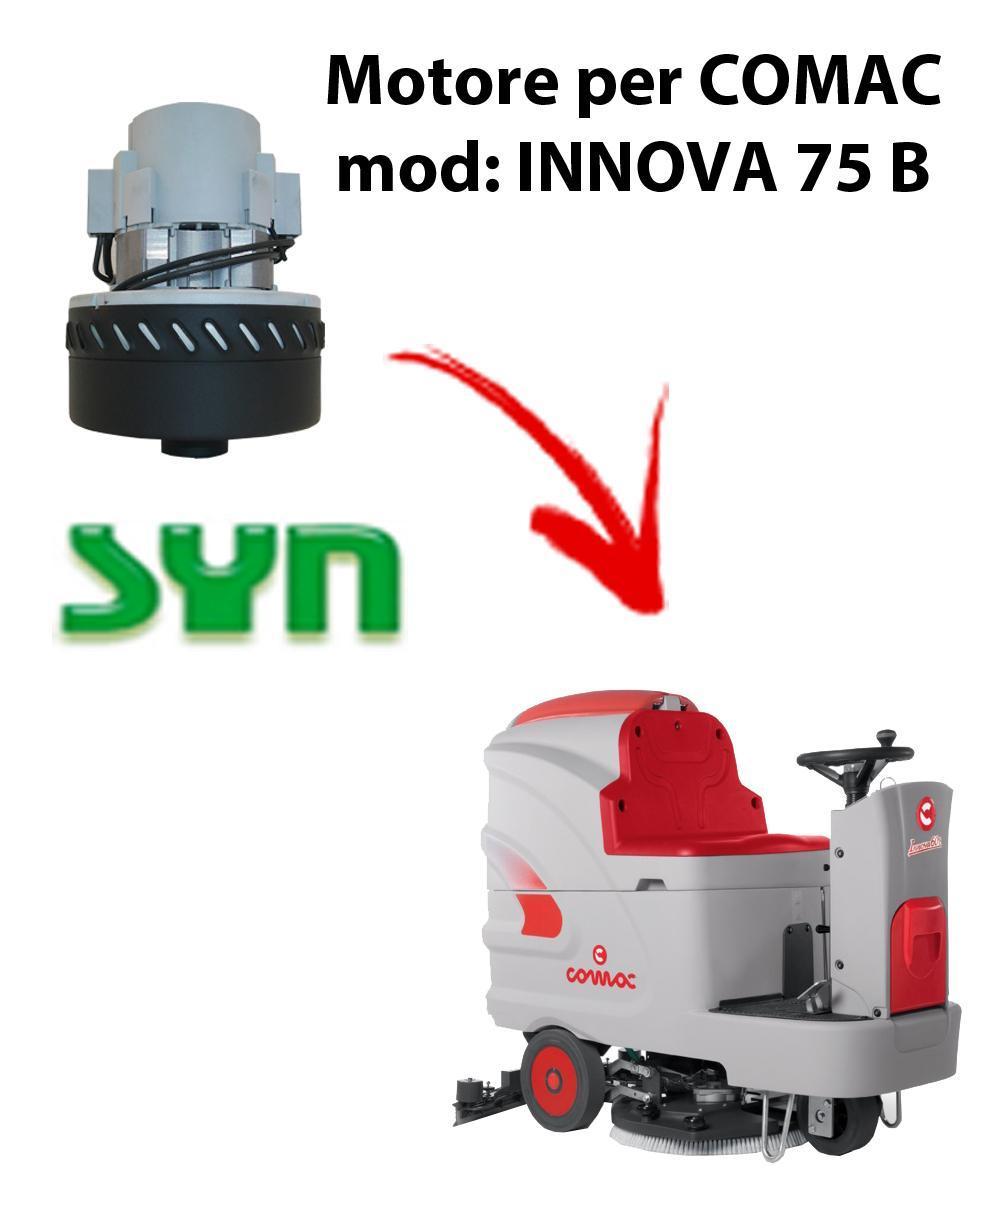 INNOVA 75 B MOTEUR ASPIRATION SYN pour autolaveuses Comac